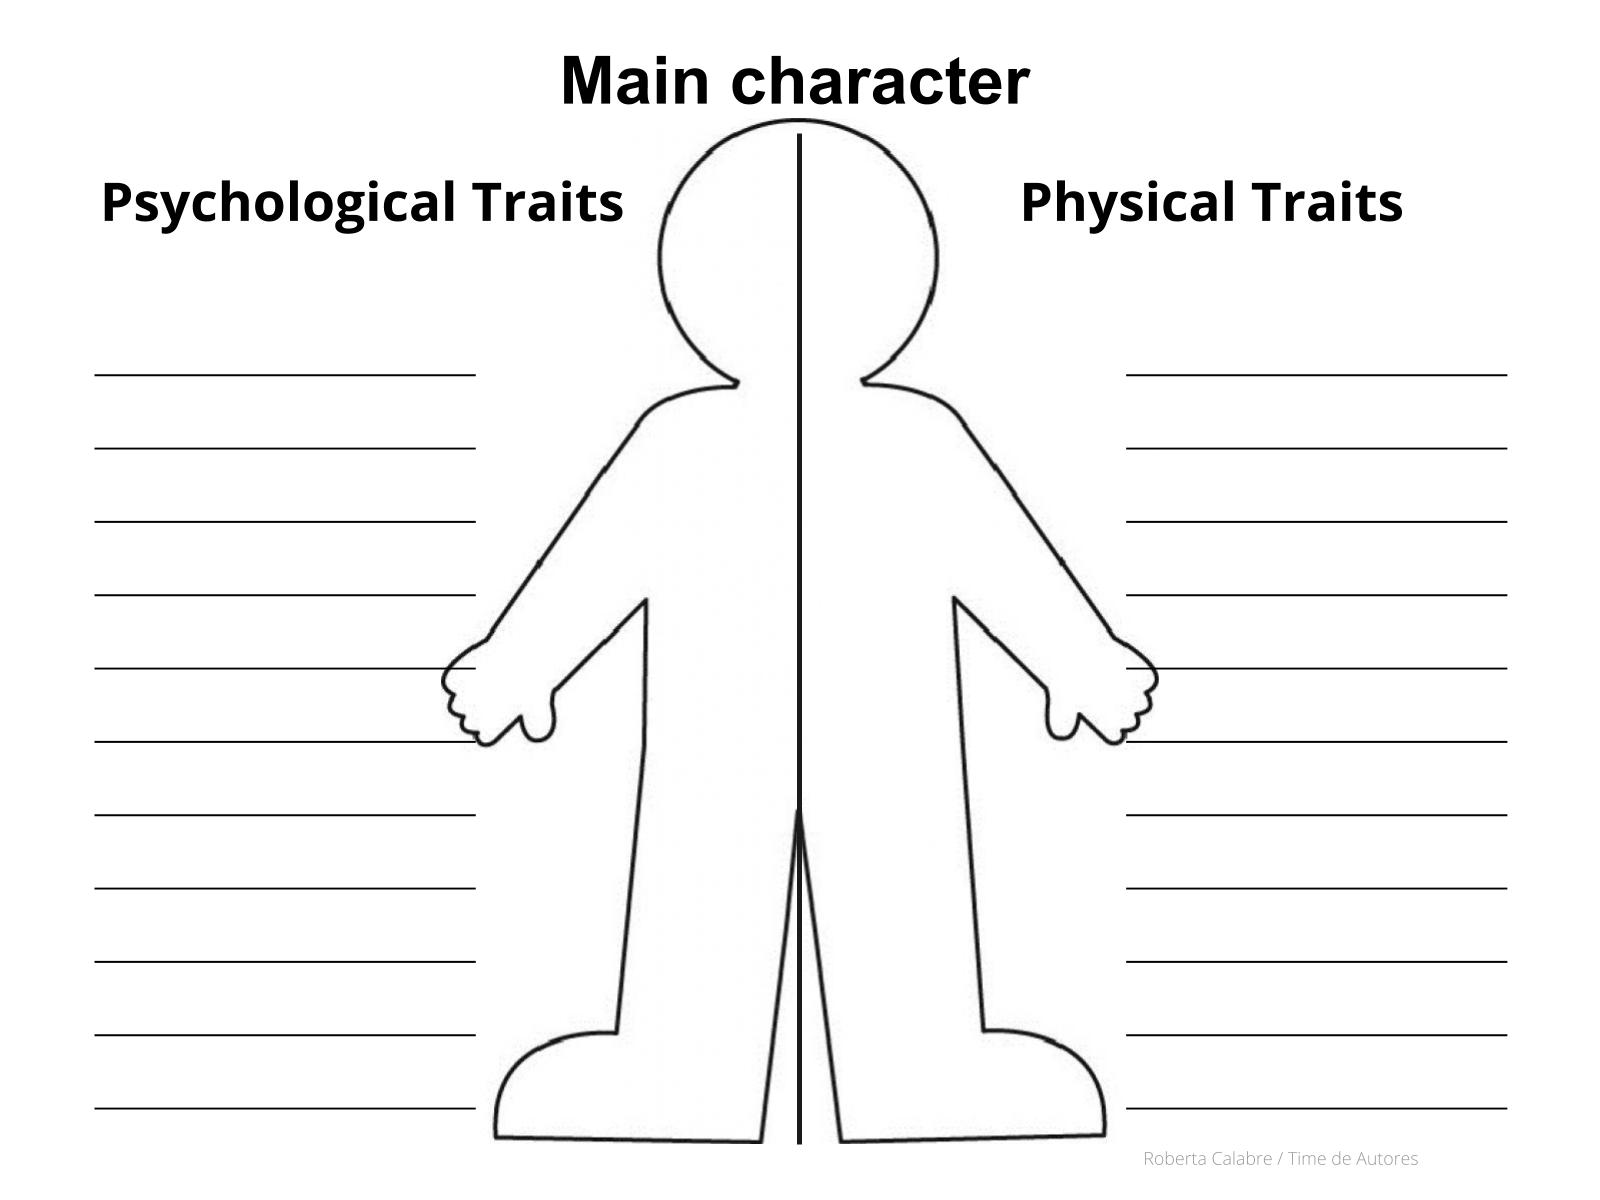 Lista de características de personagens para criação de conto